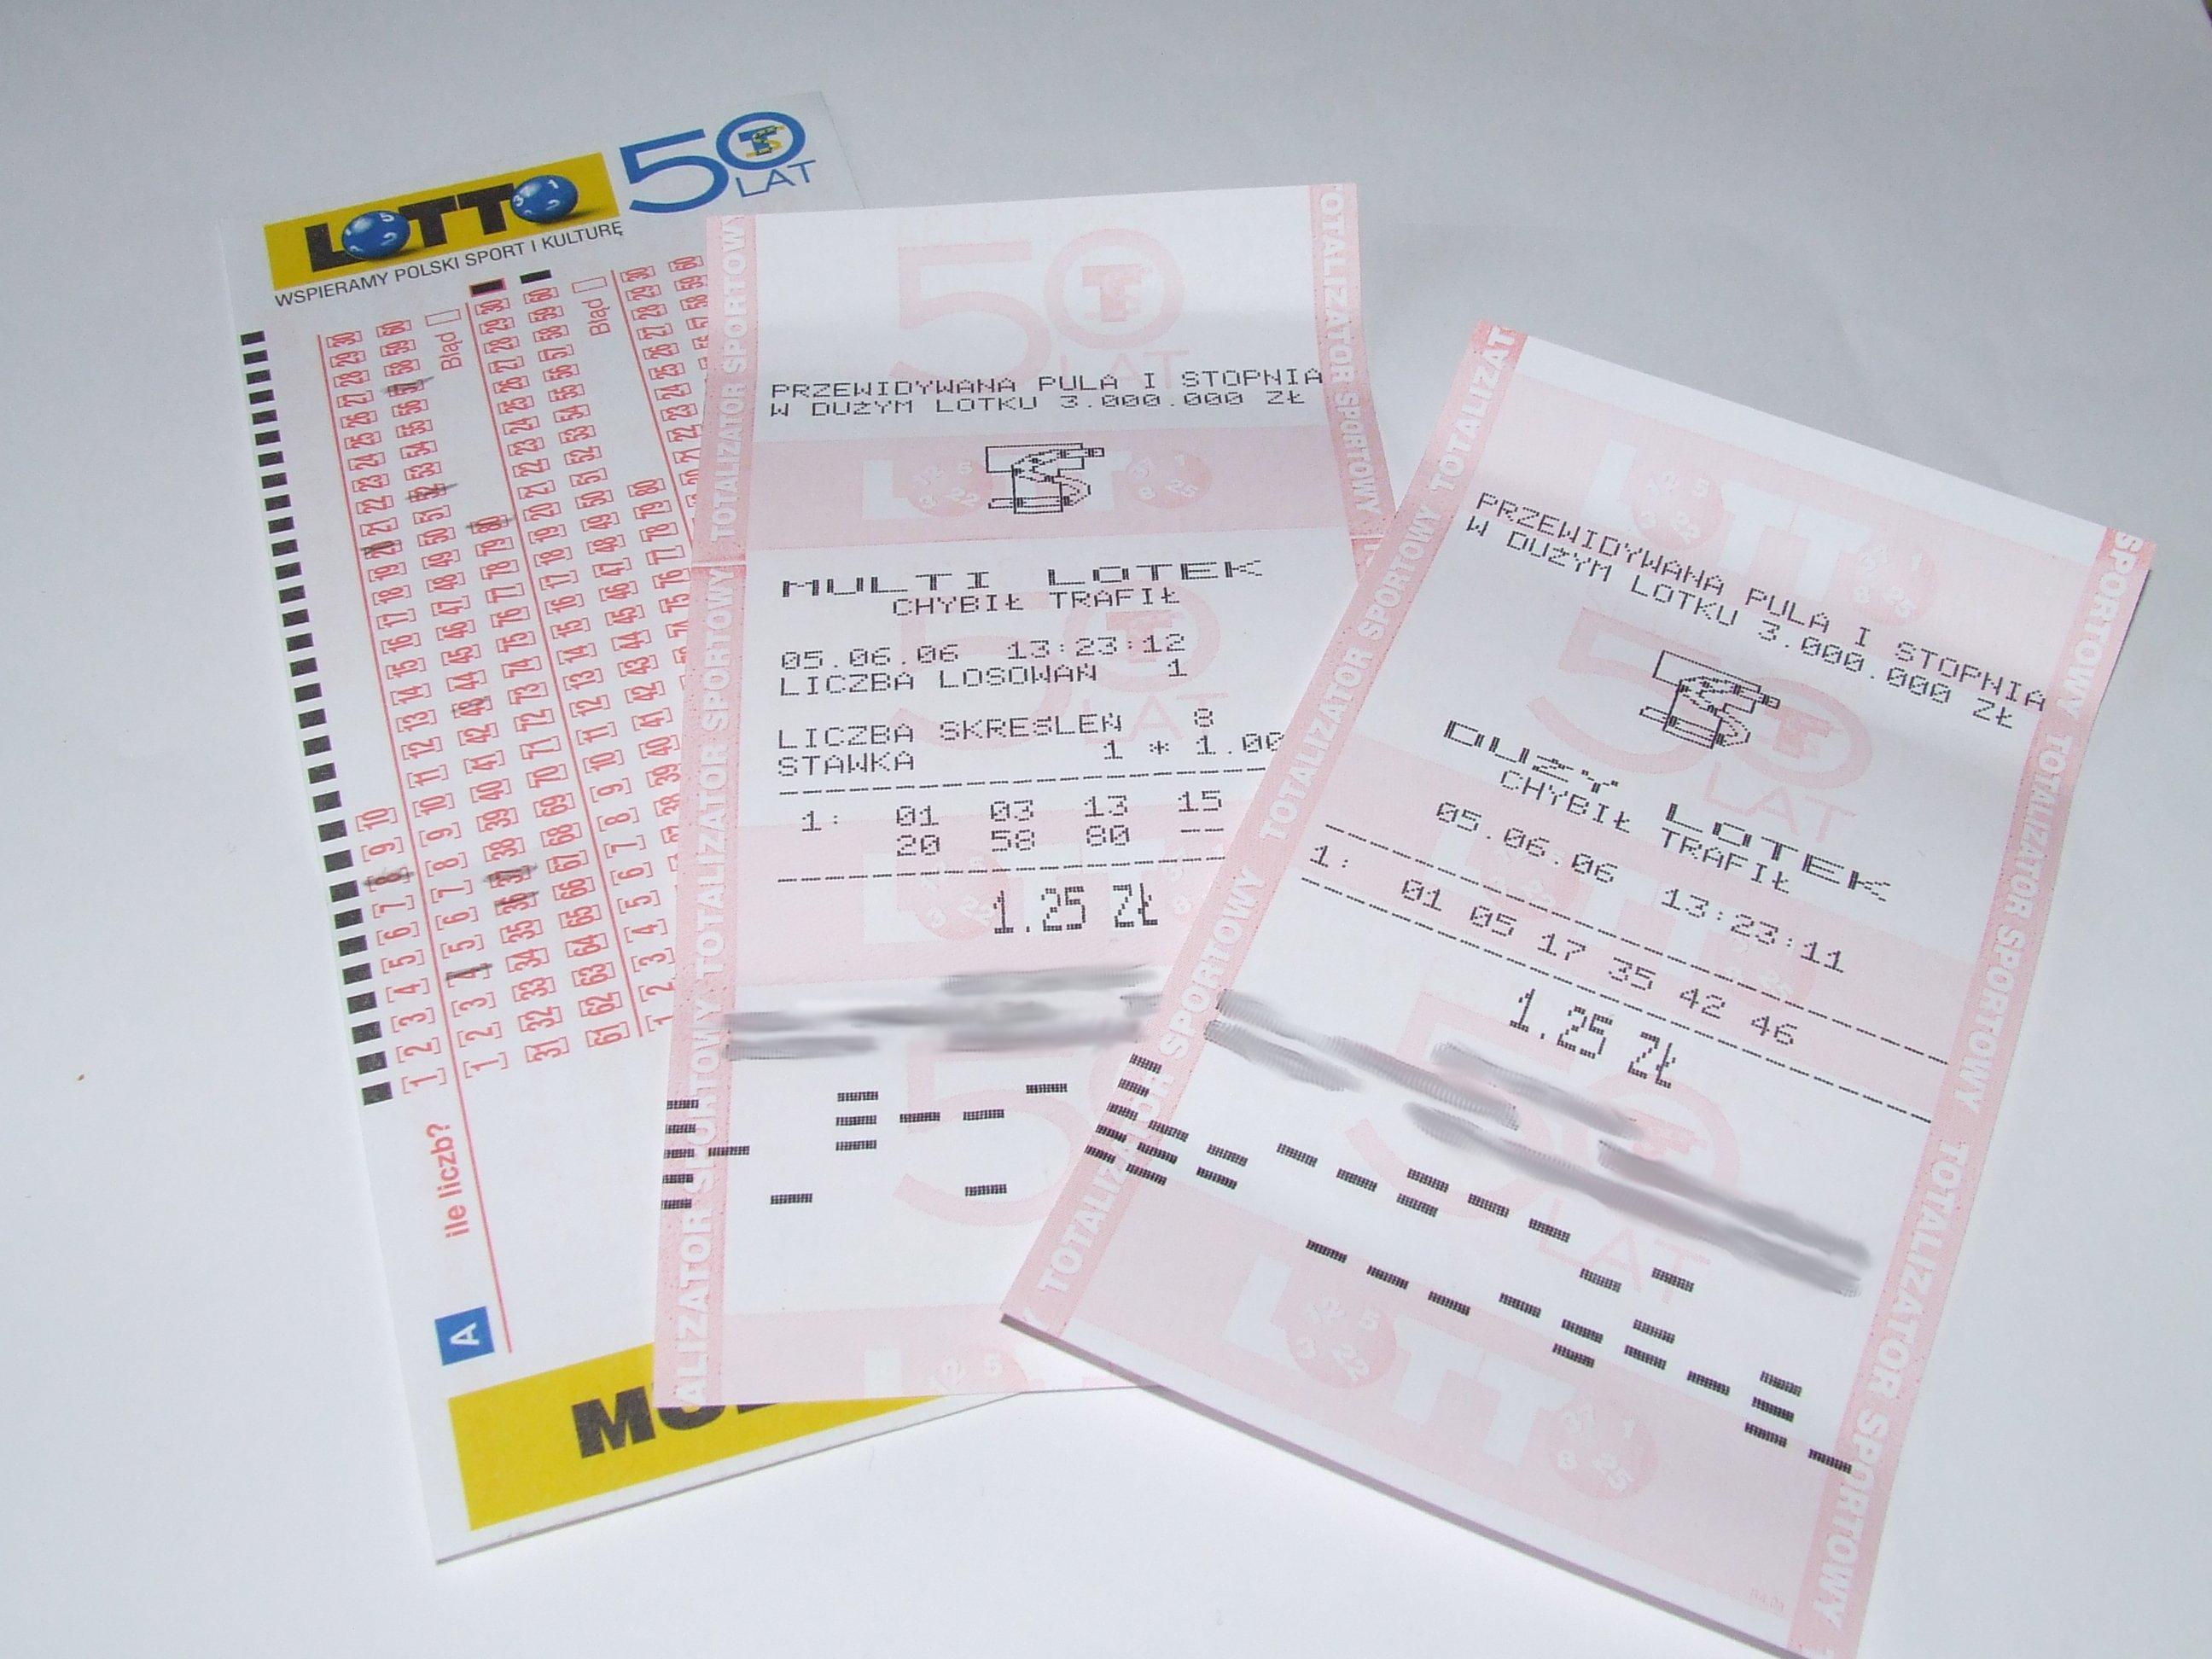 Casinos Espanha loteria online 41004